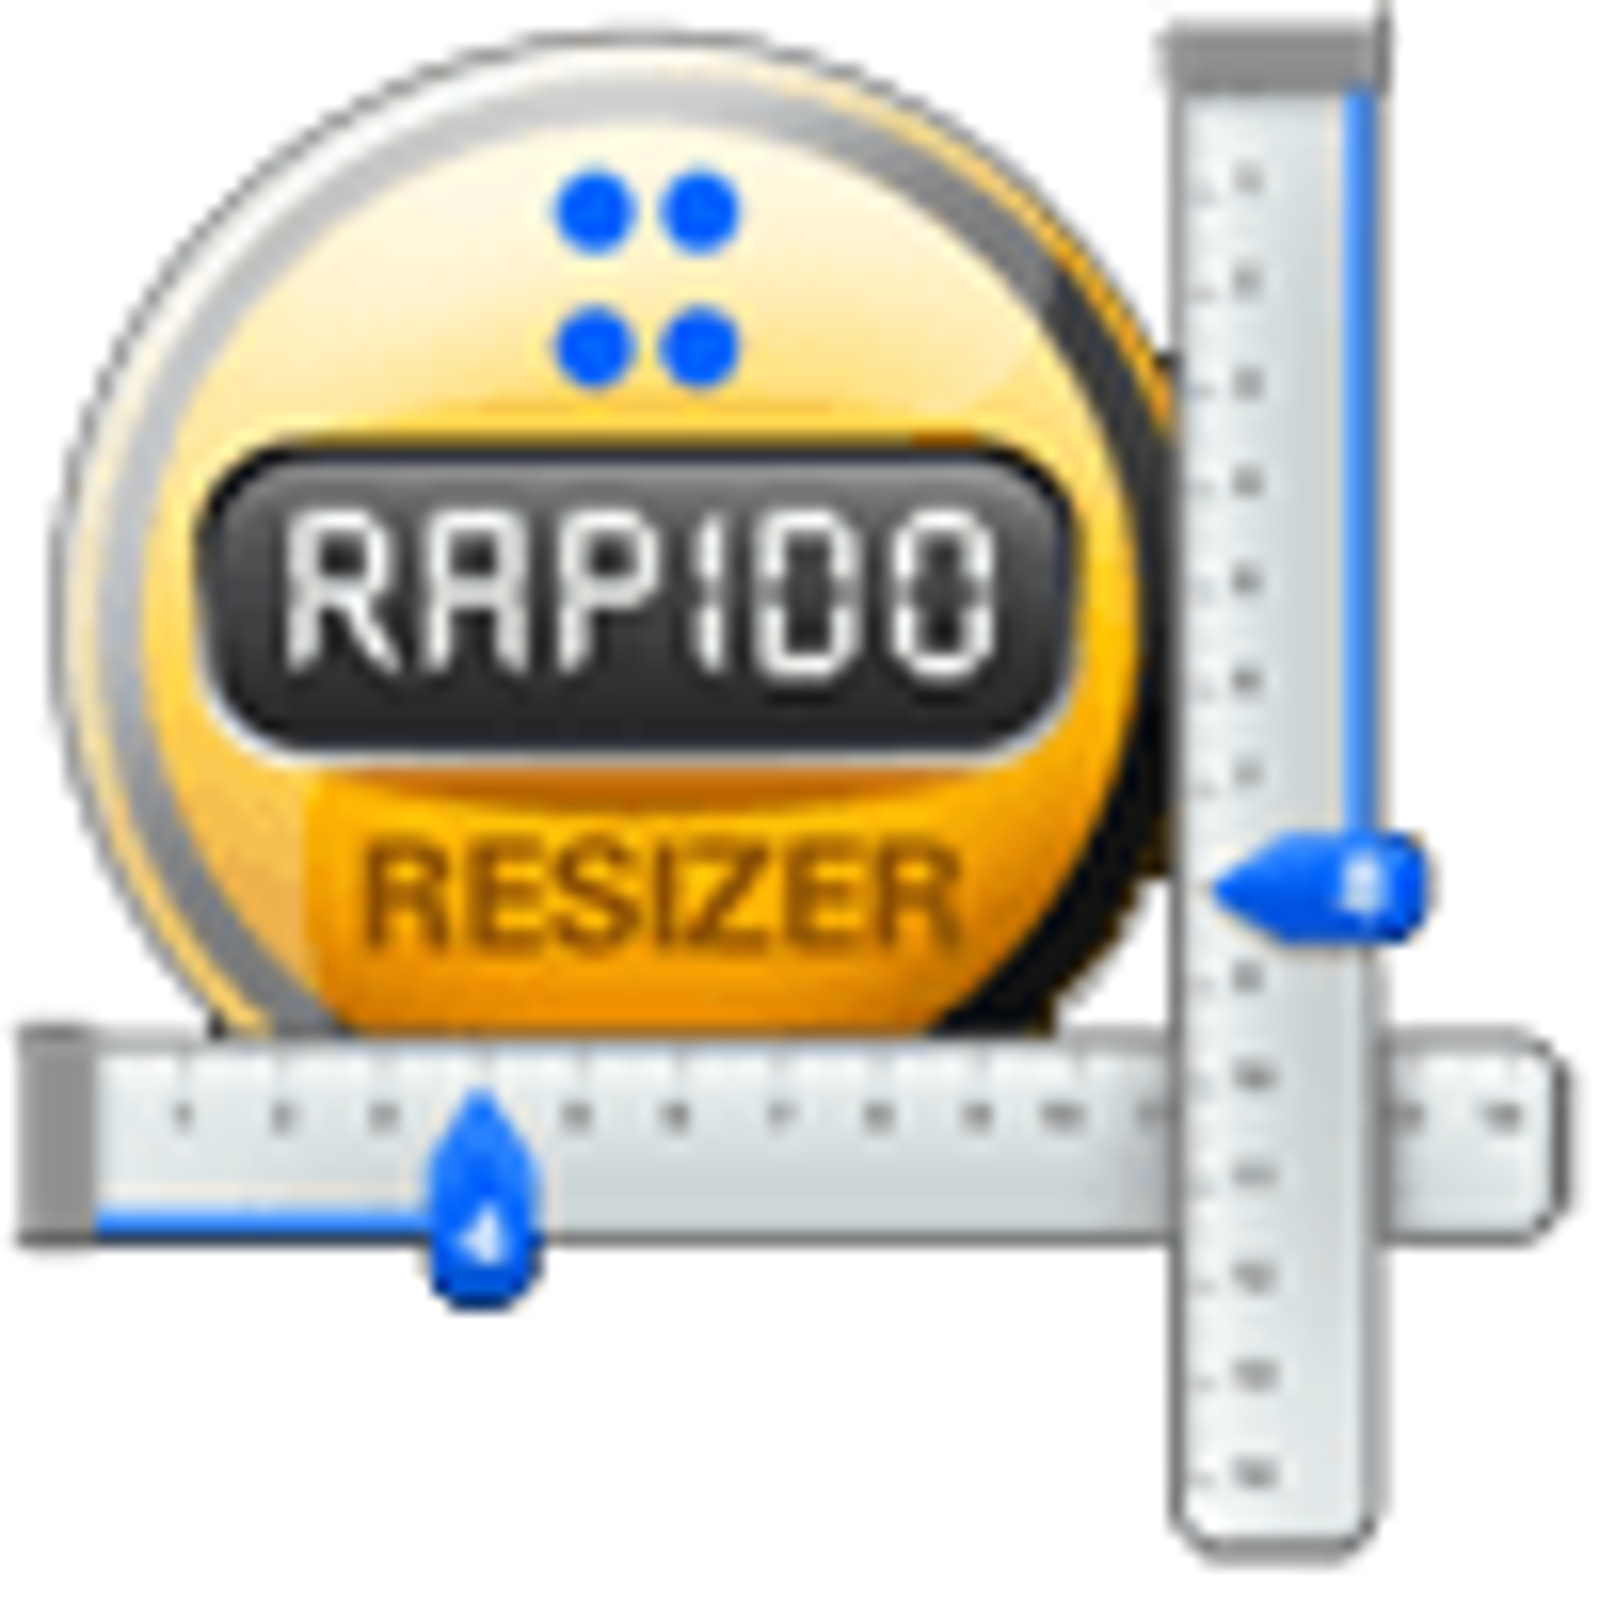 RapidoResizer 1.1.1